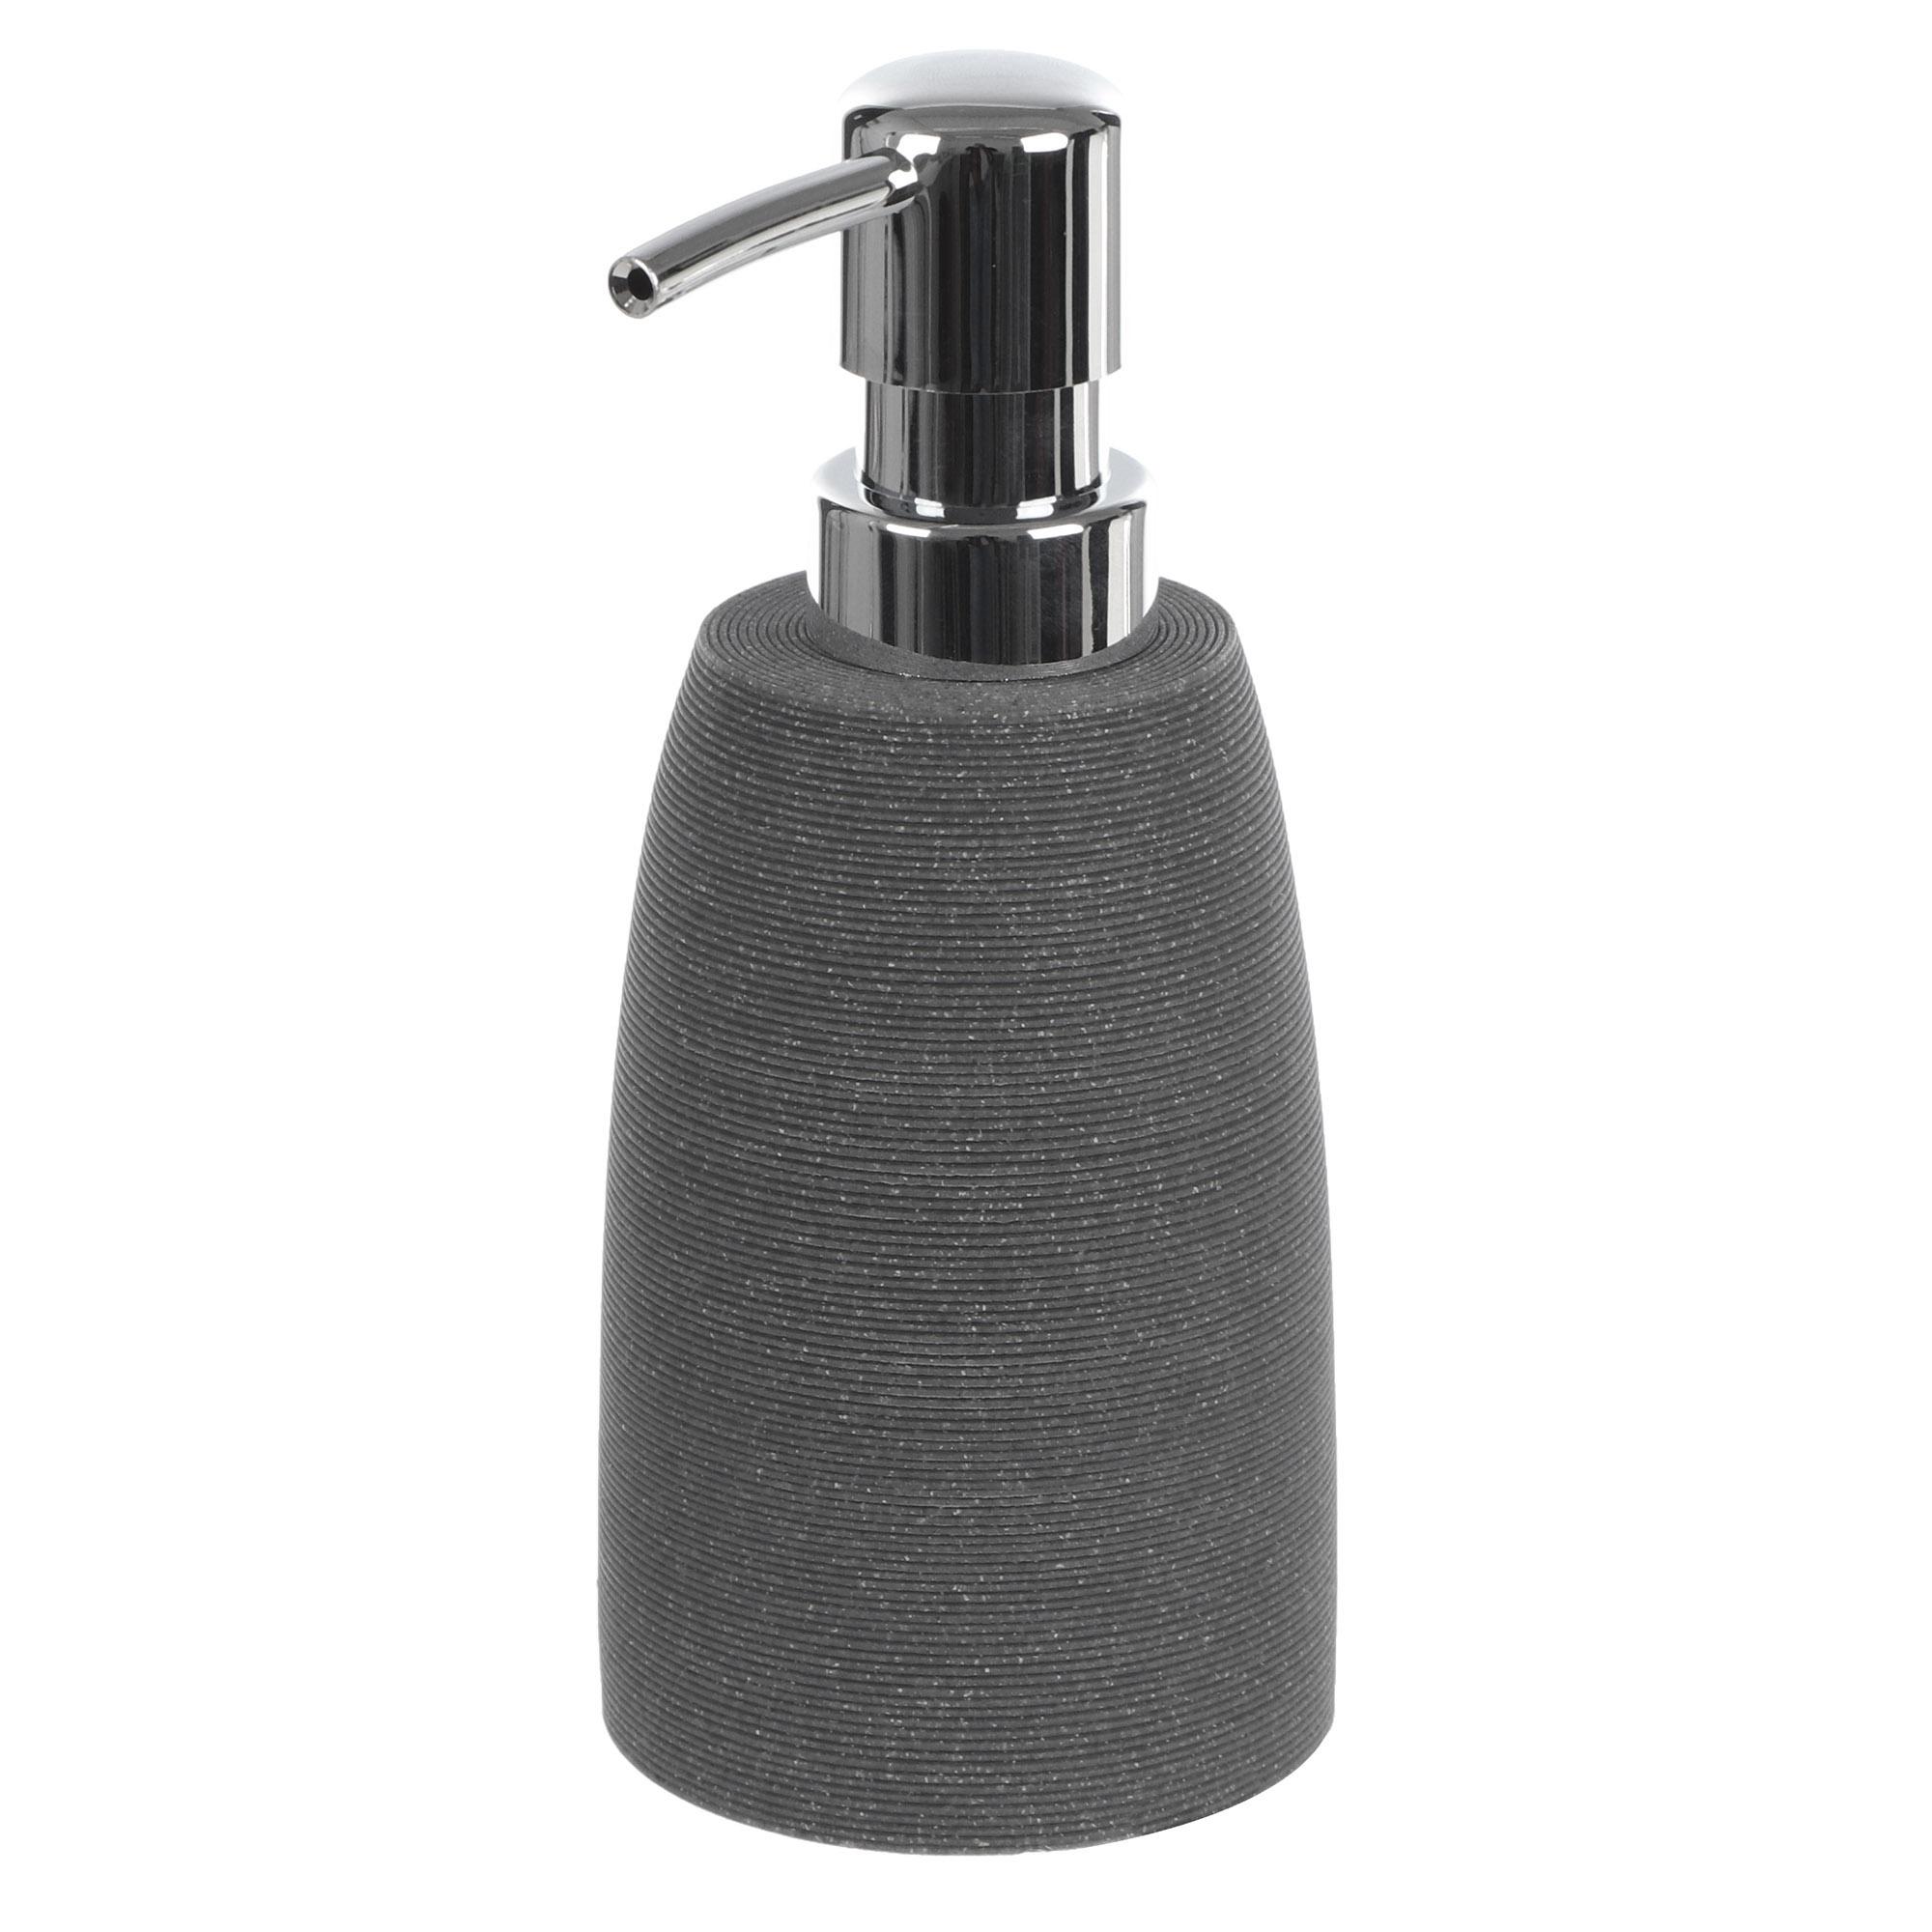 Дозатор для мыла Wenko sanitary goa серый дозатор для мыла wenko sanitary goa бежевый